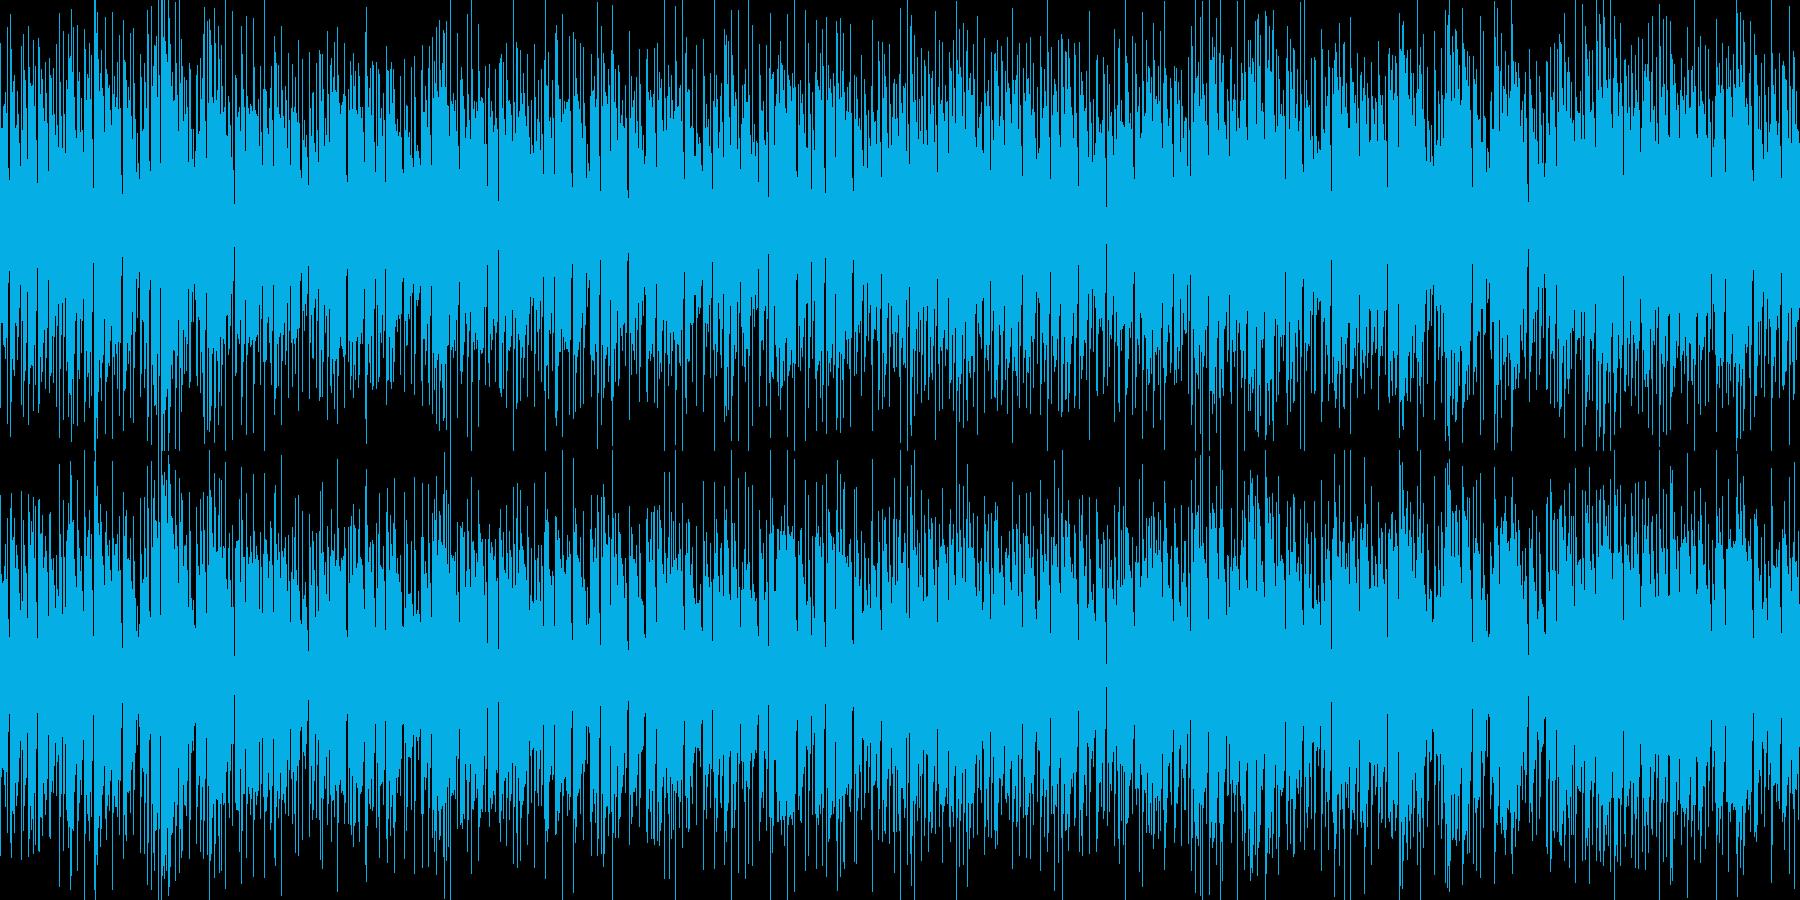 ループ可能な爽やかで気怠いエレキギター曲の再生済みの波形